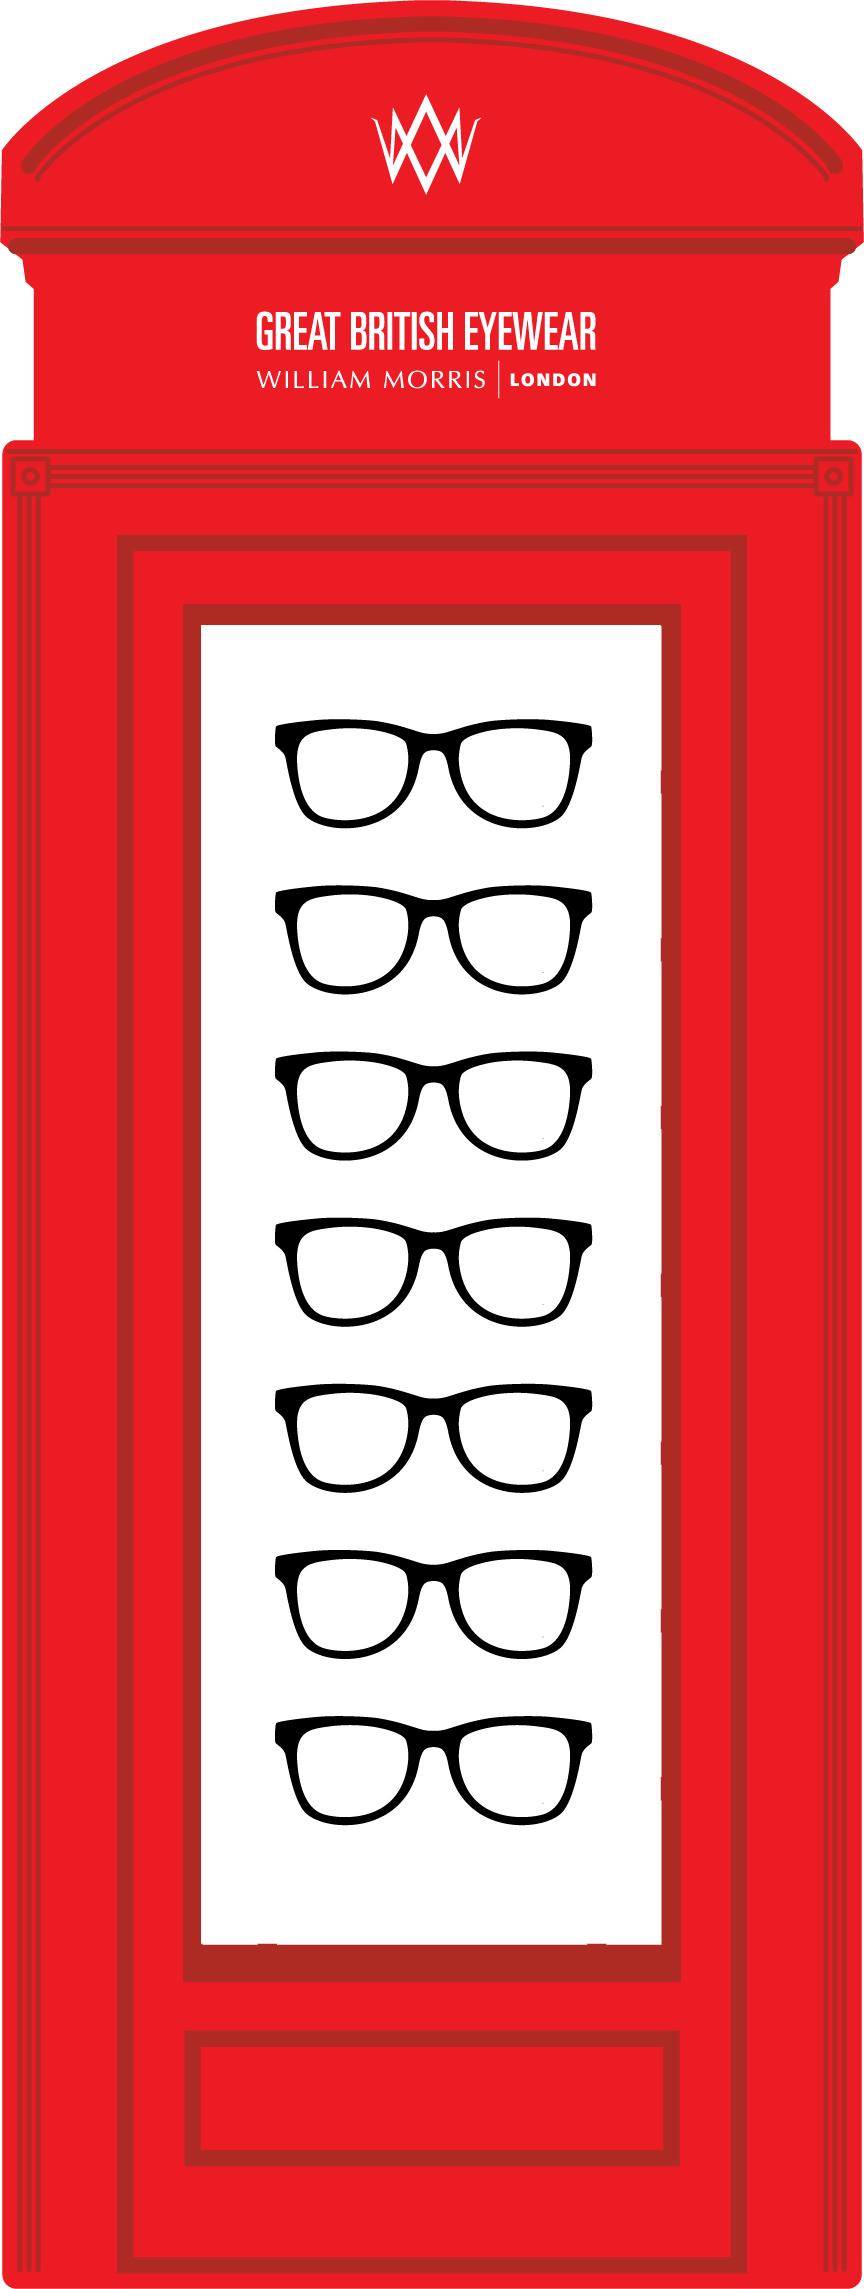 56a8ab2ee34 CLASSIQUE Eyewear - WILLIAM MORRIS - WILLIAM MORRIS